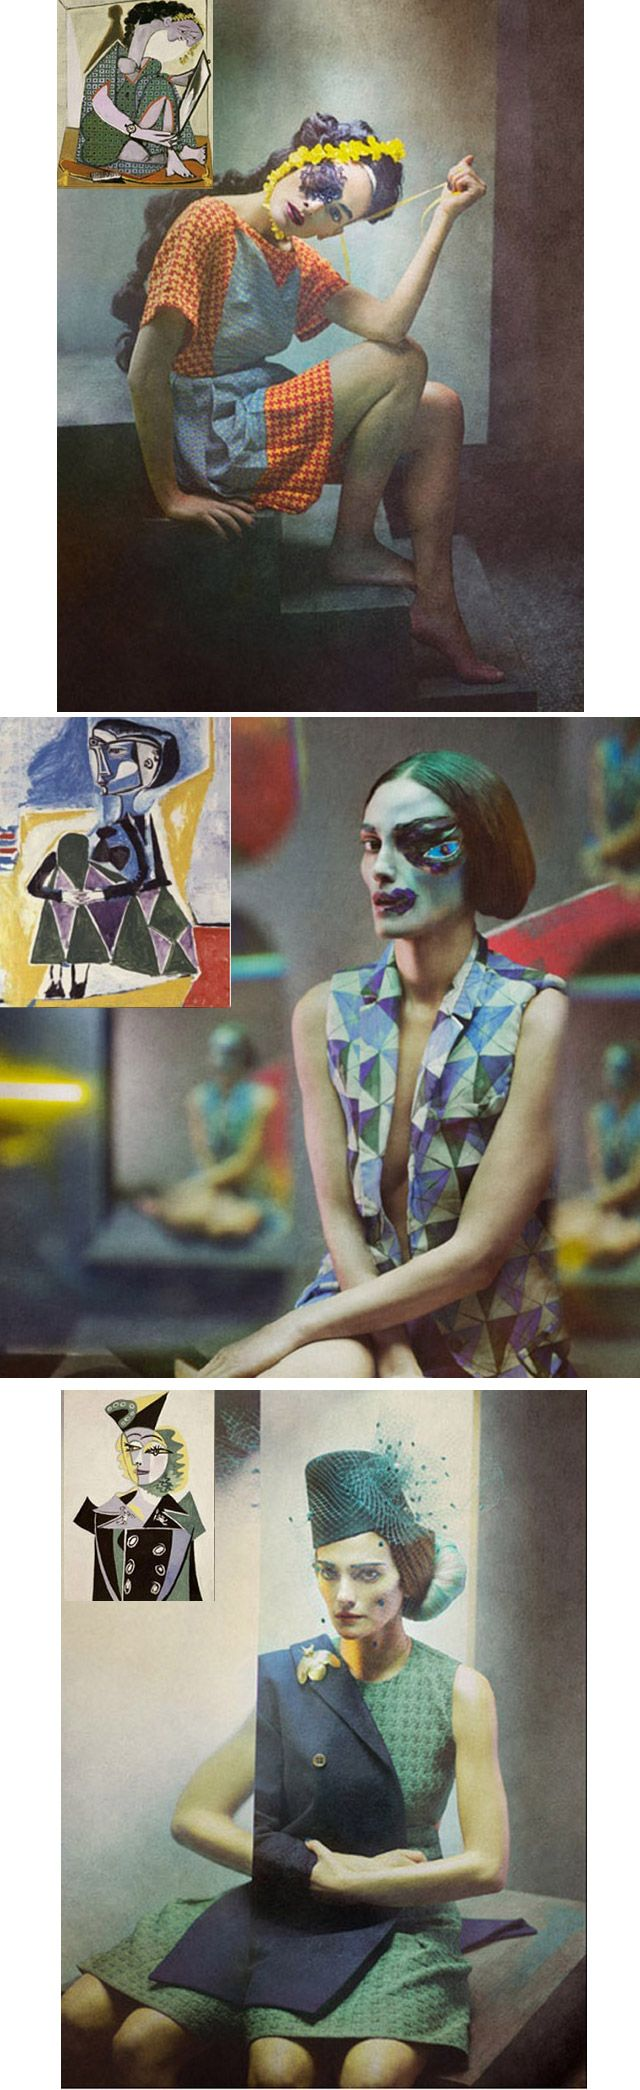 O fotógrafo espanhol Eugenio Recueno fez uma série de fotografias de moda em homenagem às pinturas de Picasso. // The spanish photographer Eugenio Recueno made a series of fashion photographs in homage to Picasso paintings.